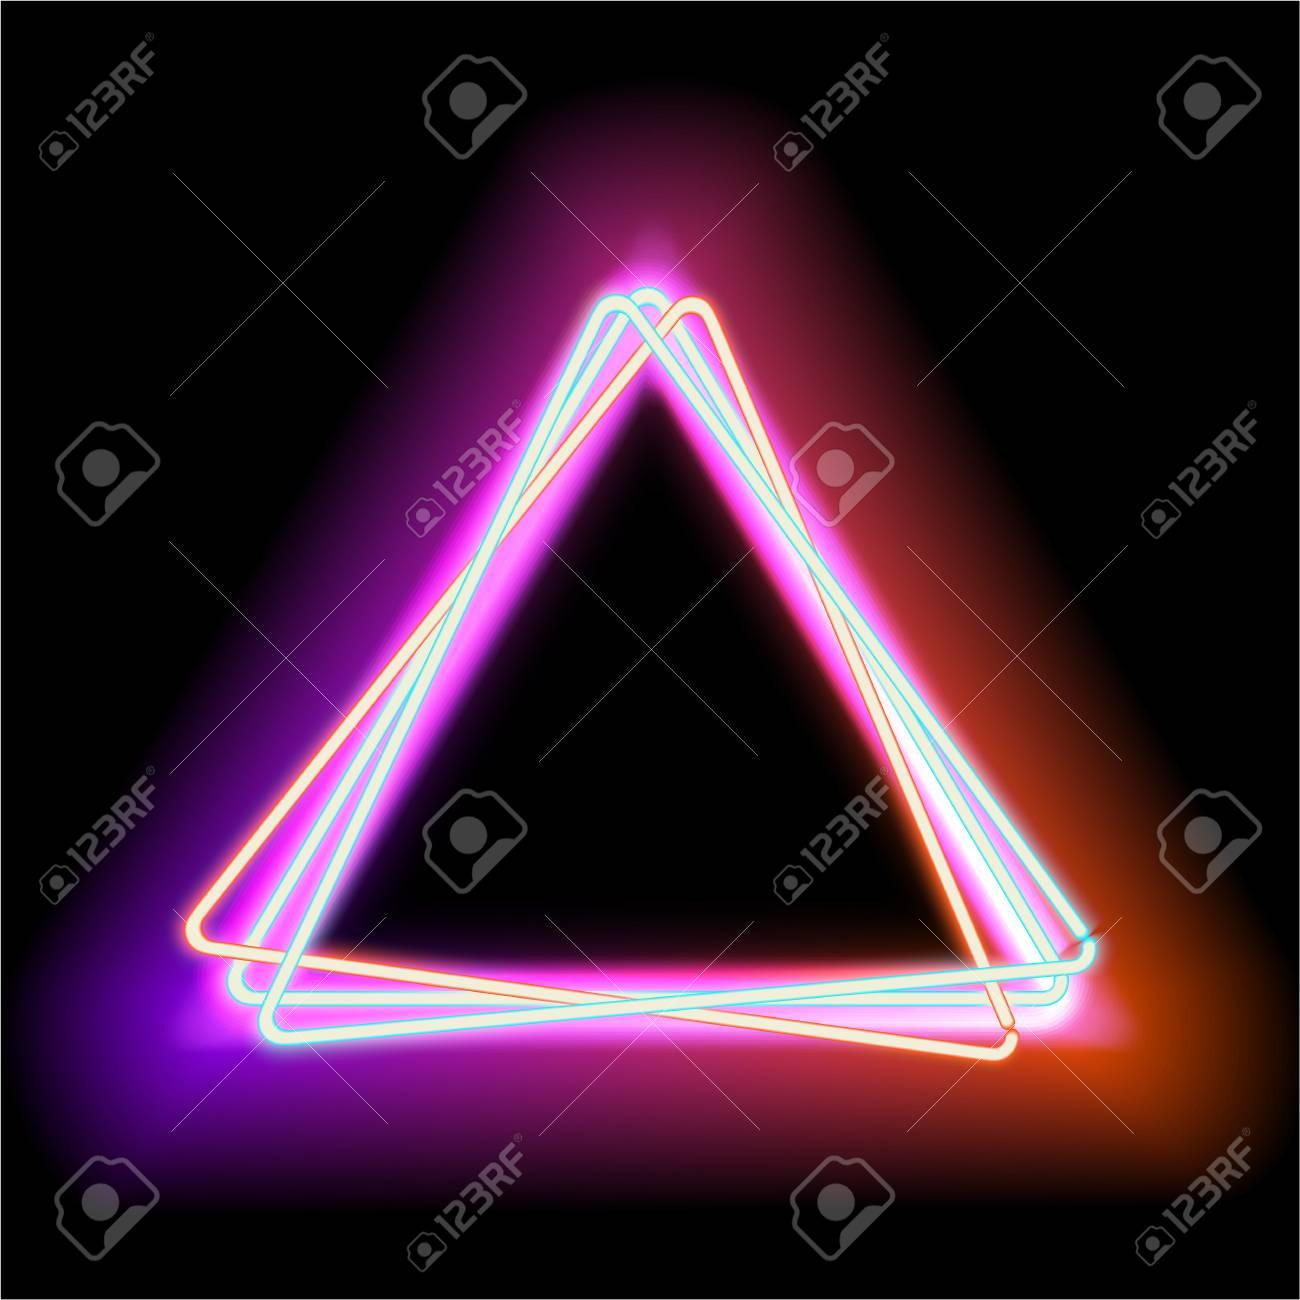 Triángulo De Neón Luz Roja De Neón Marco Eléctrico. Marco De La ...